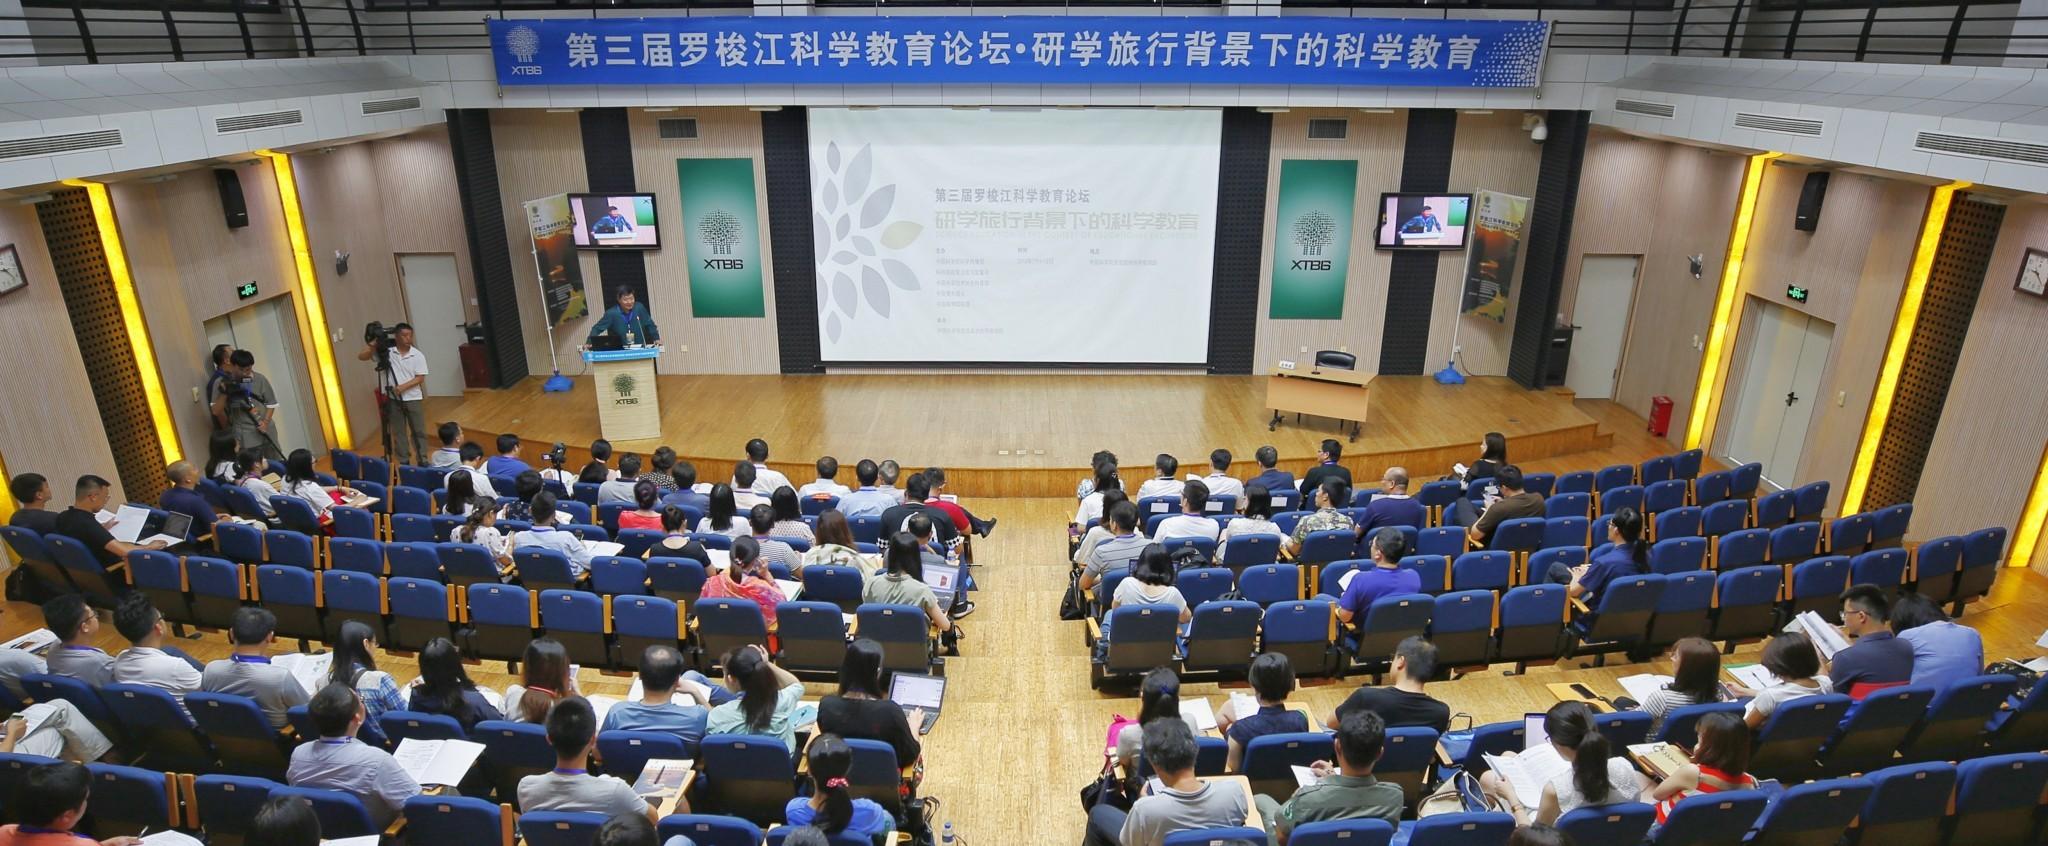 第三届罗梭江科学教育论坛闭幕 发布五项倡议